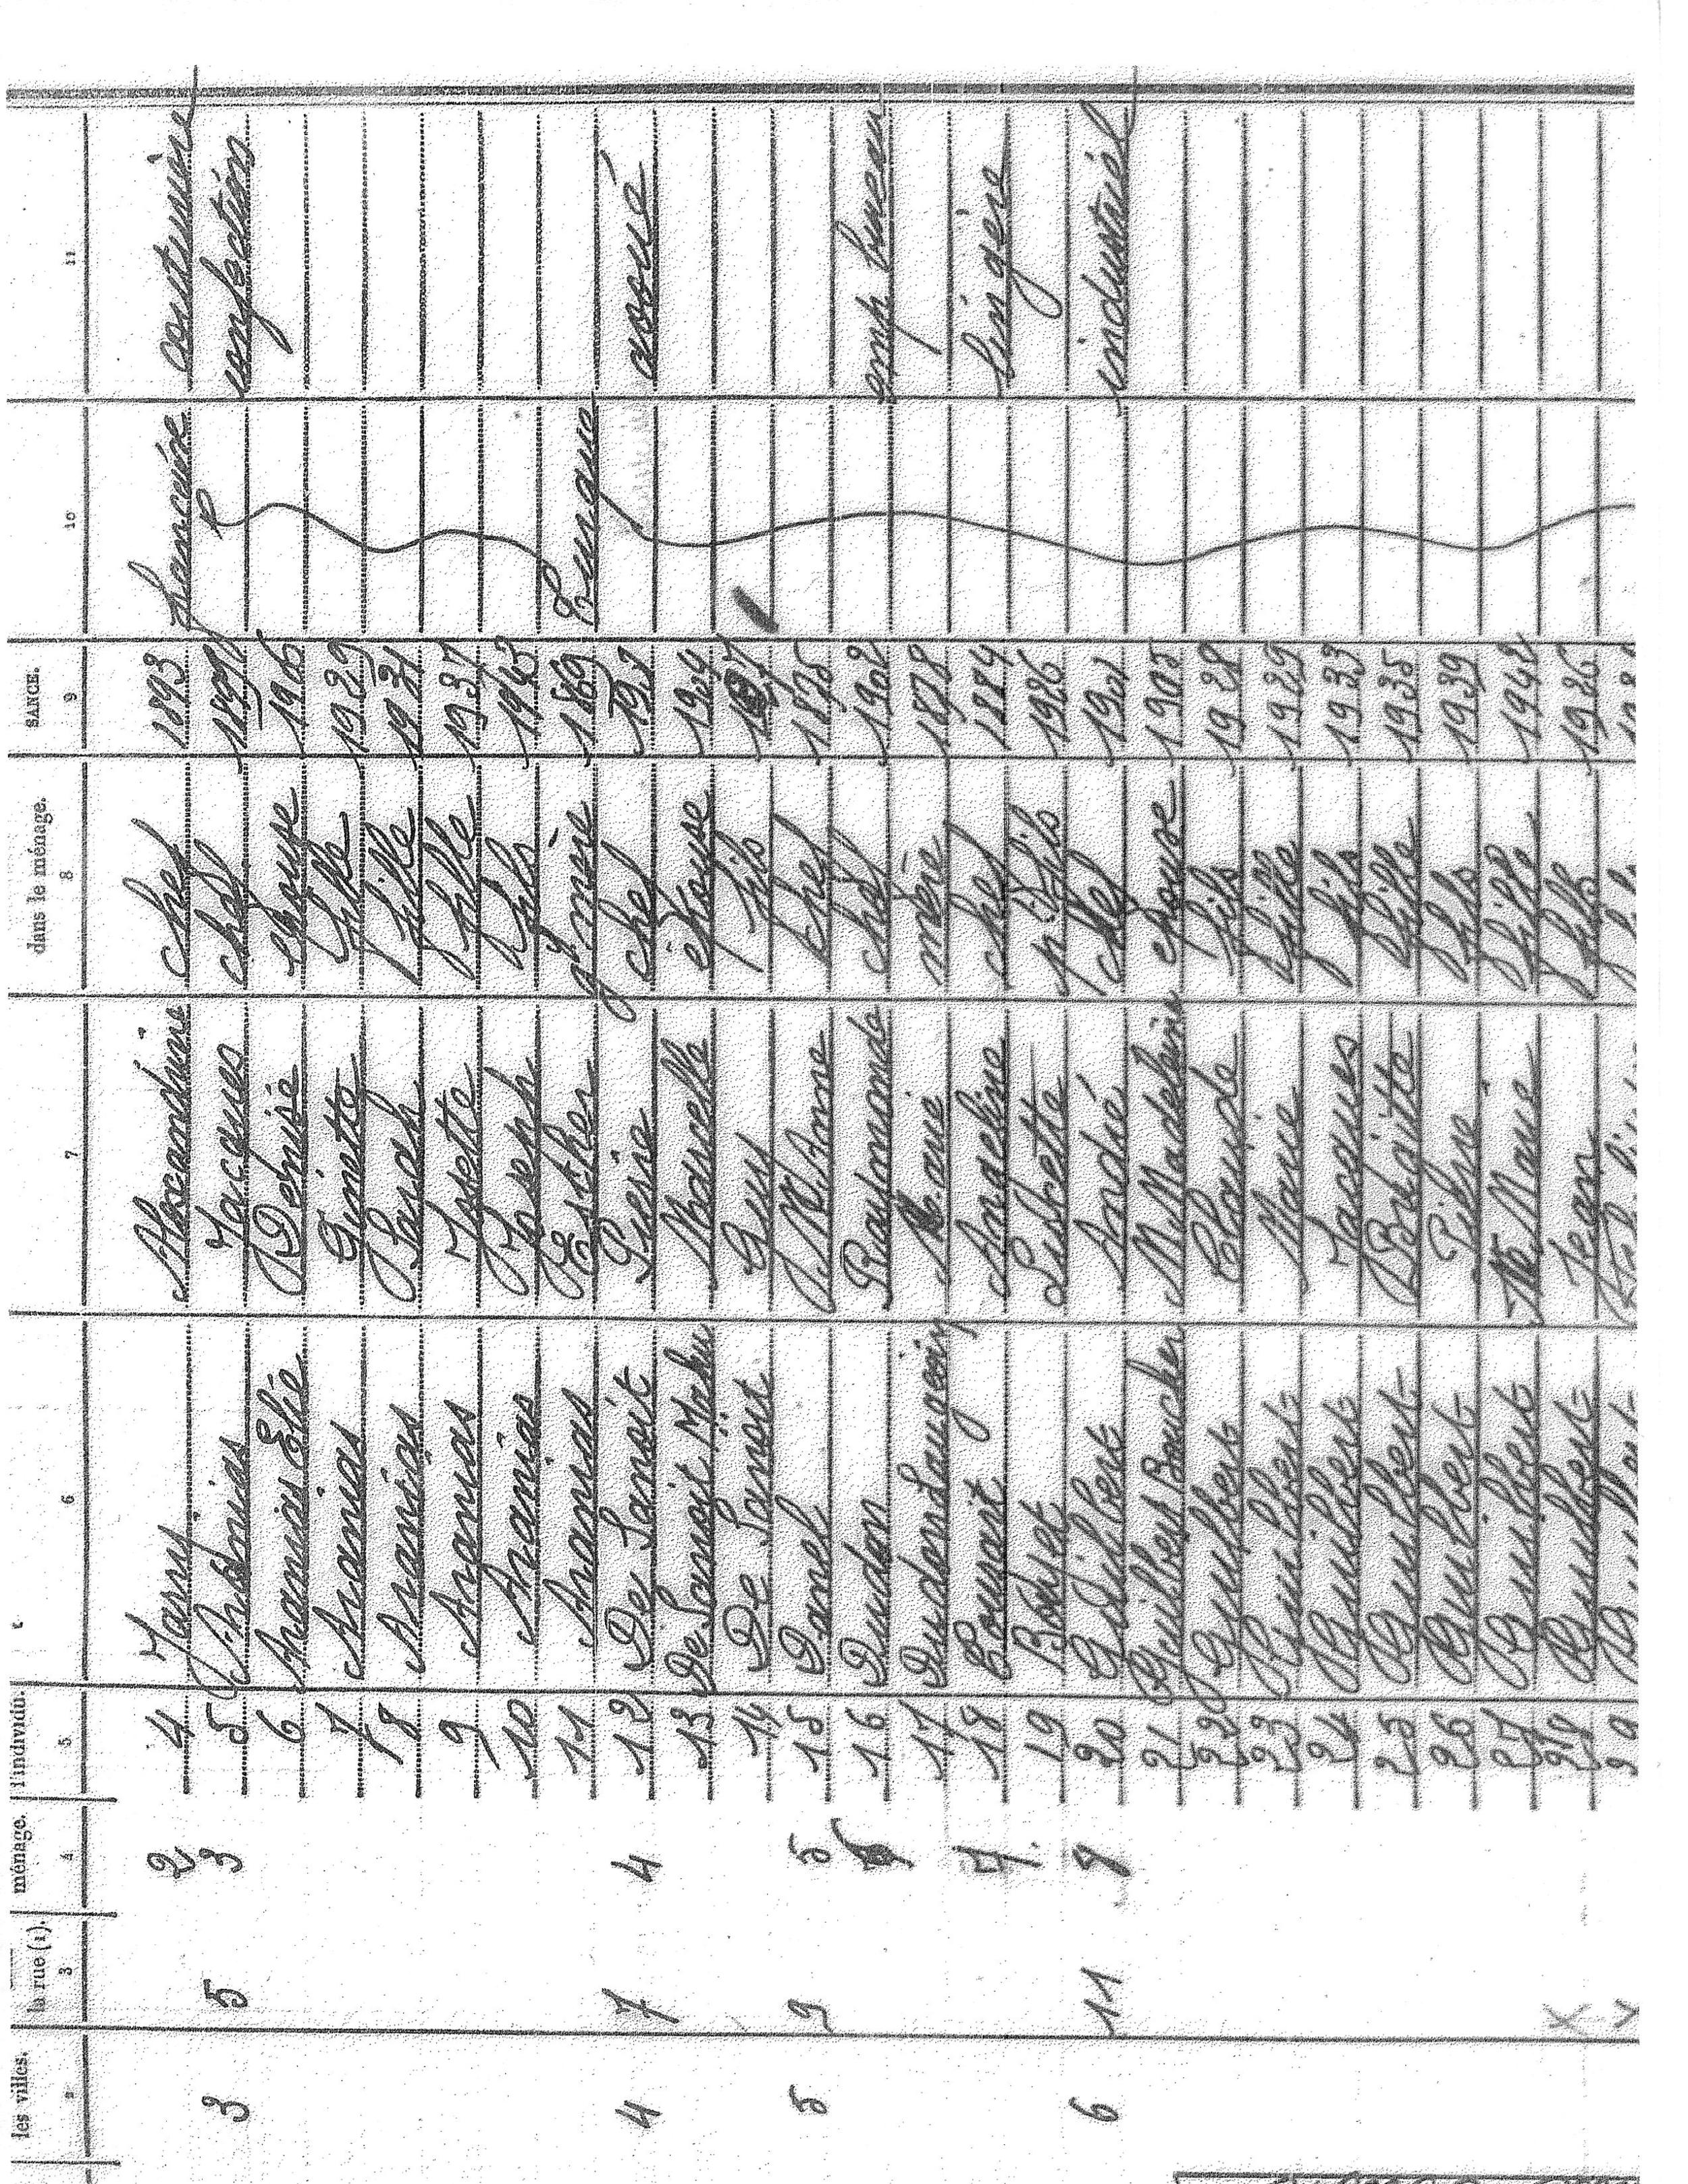 Census1946.jpg